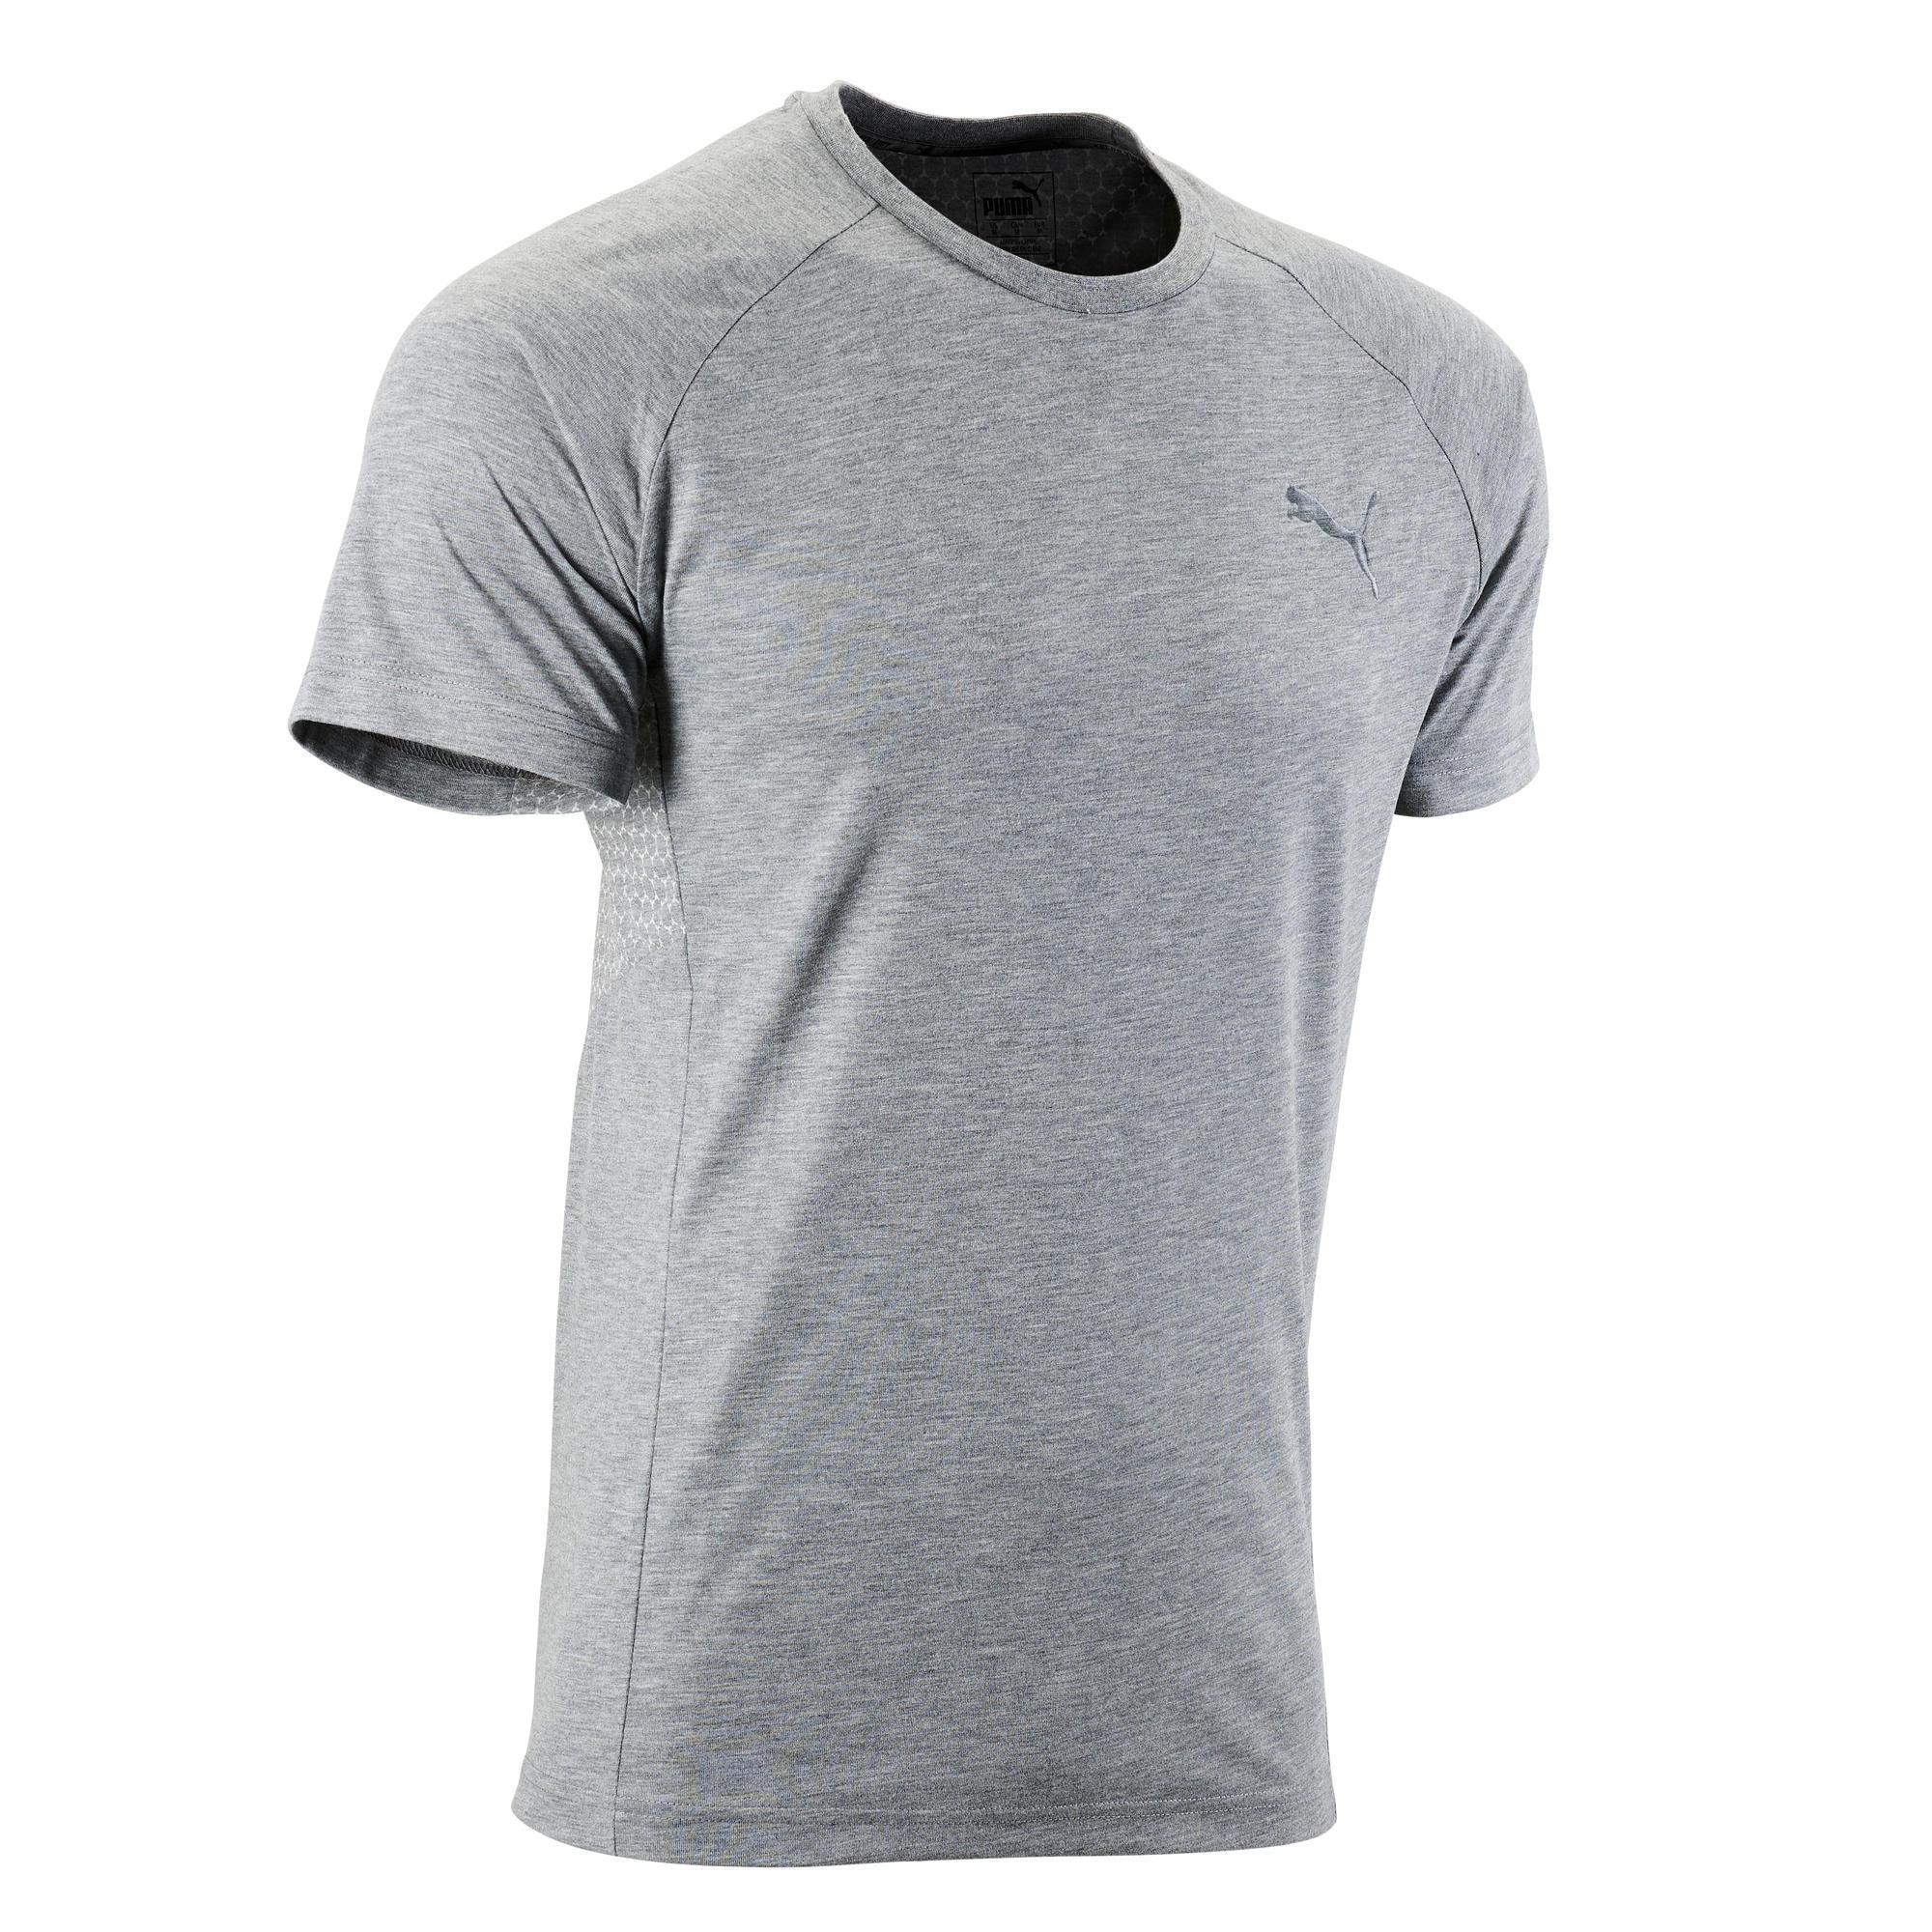 Puma T-shirt voor heren Puma Evostripe 500 lichte gym pilates grijs